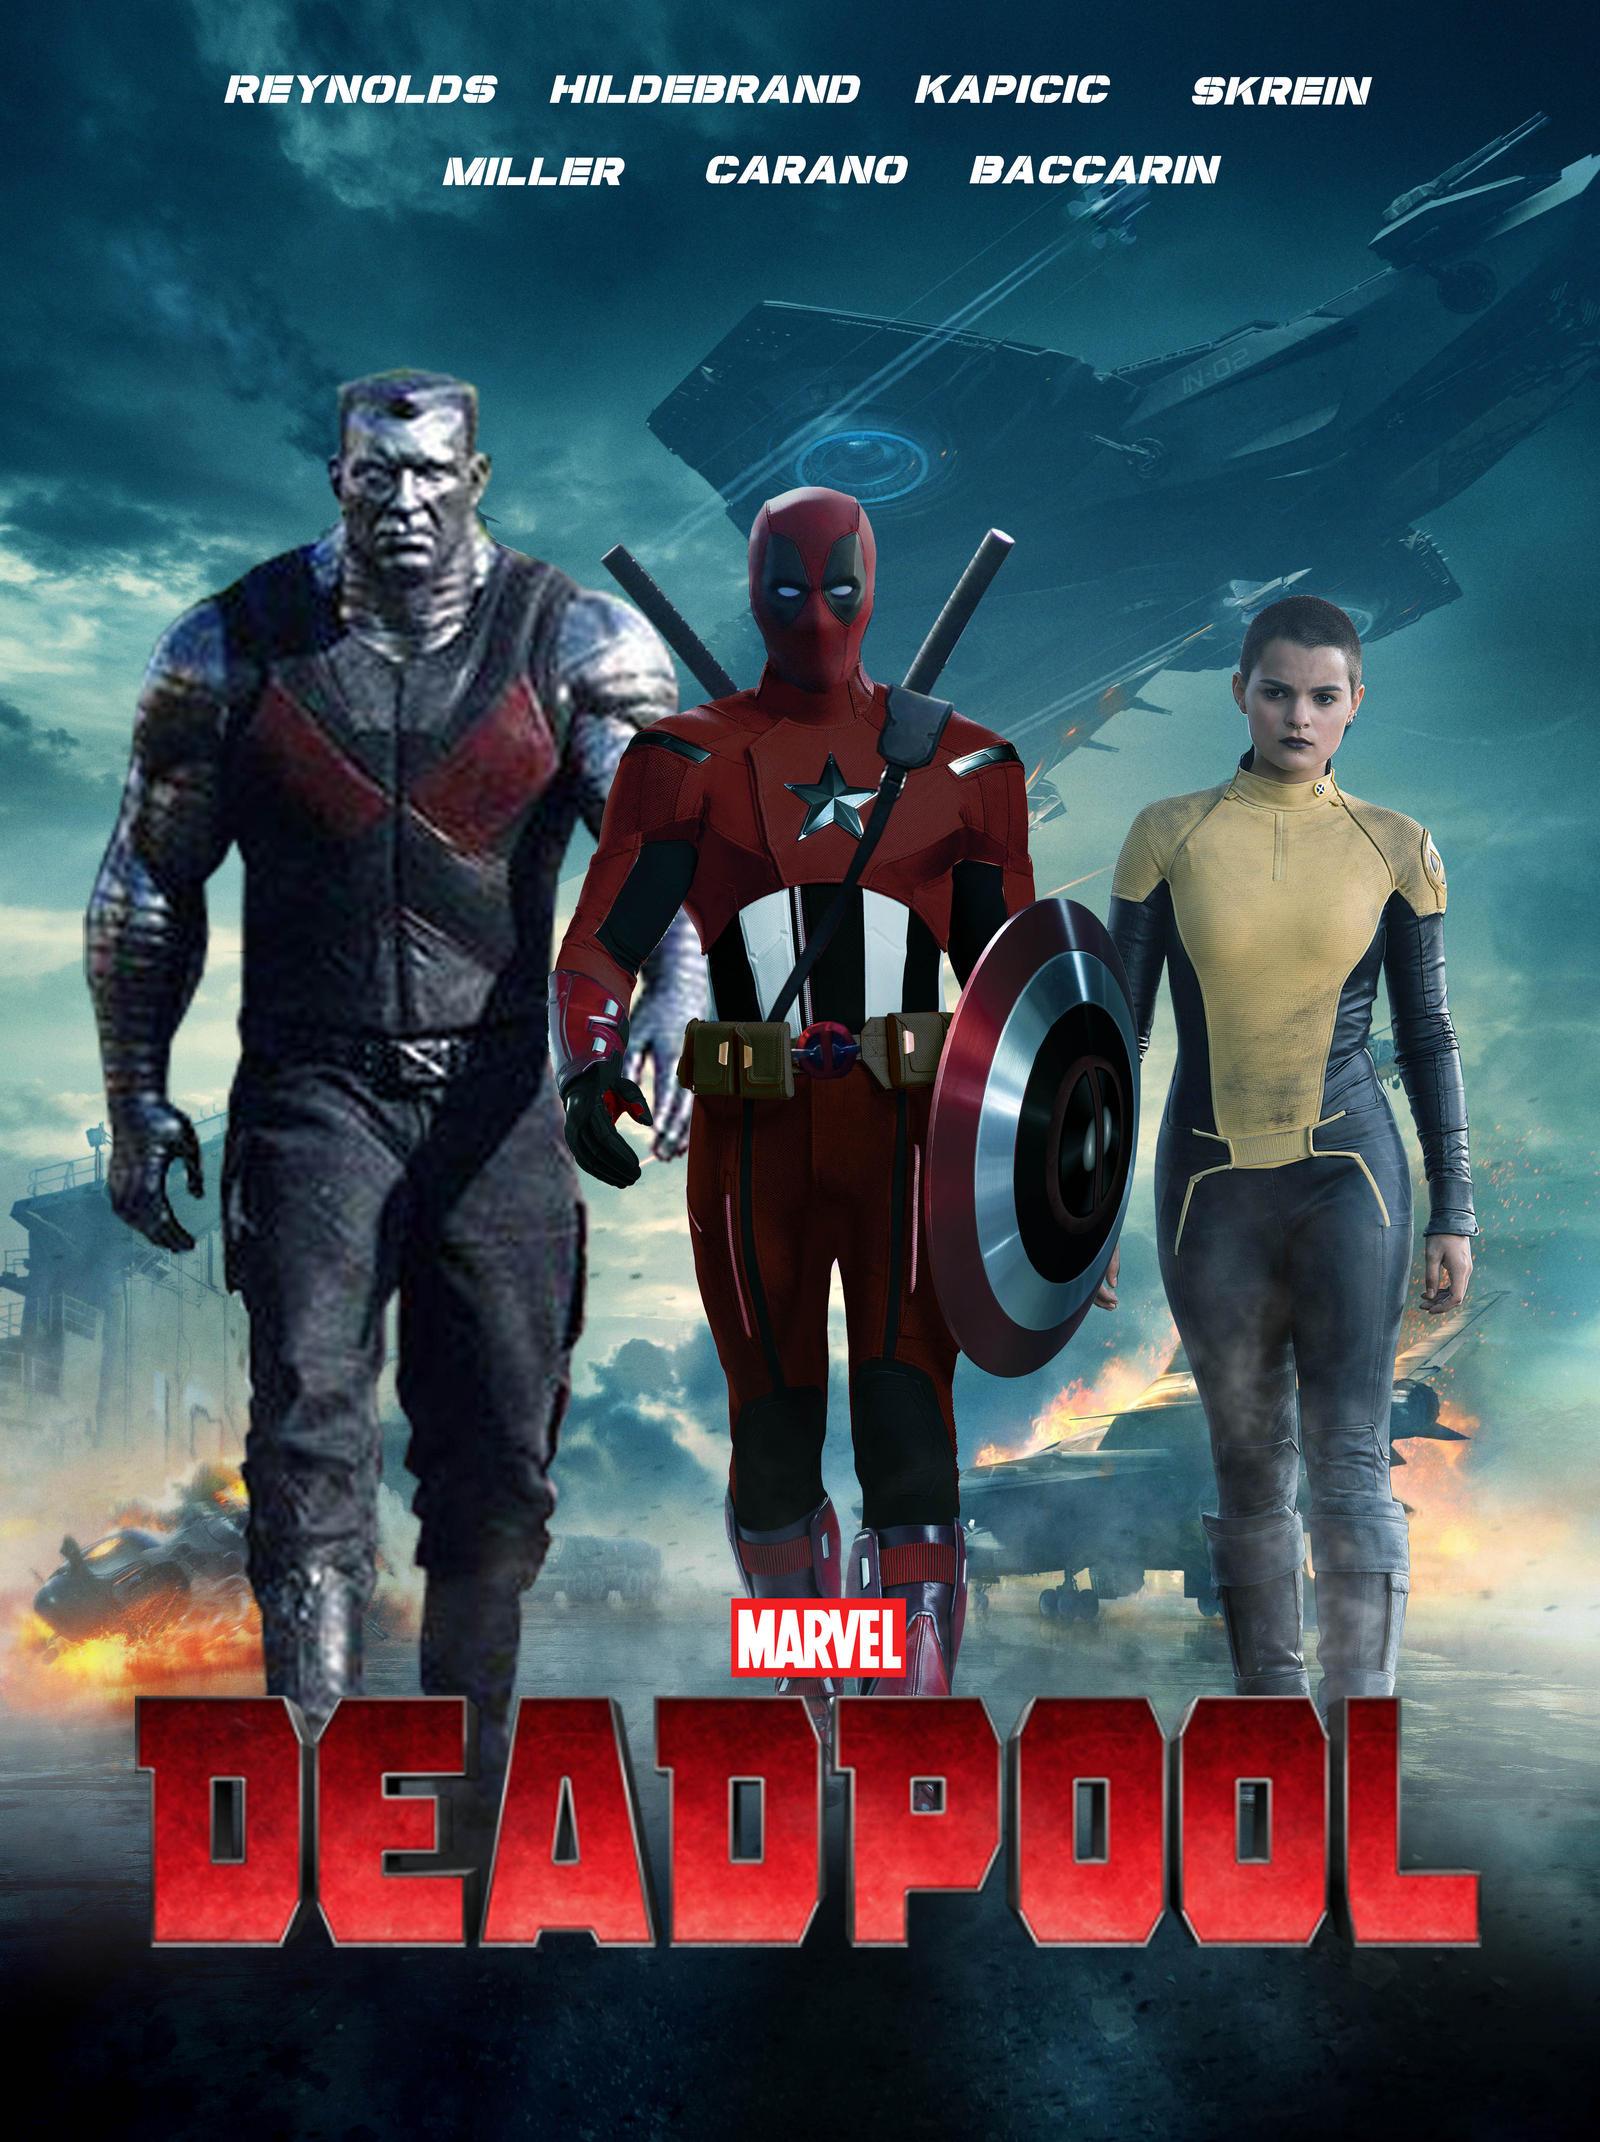 Captain Deadpool Poster by MarcellSalek-26 on DeviantArt